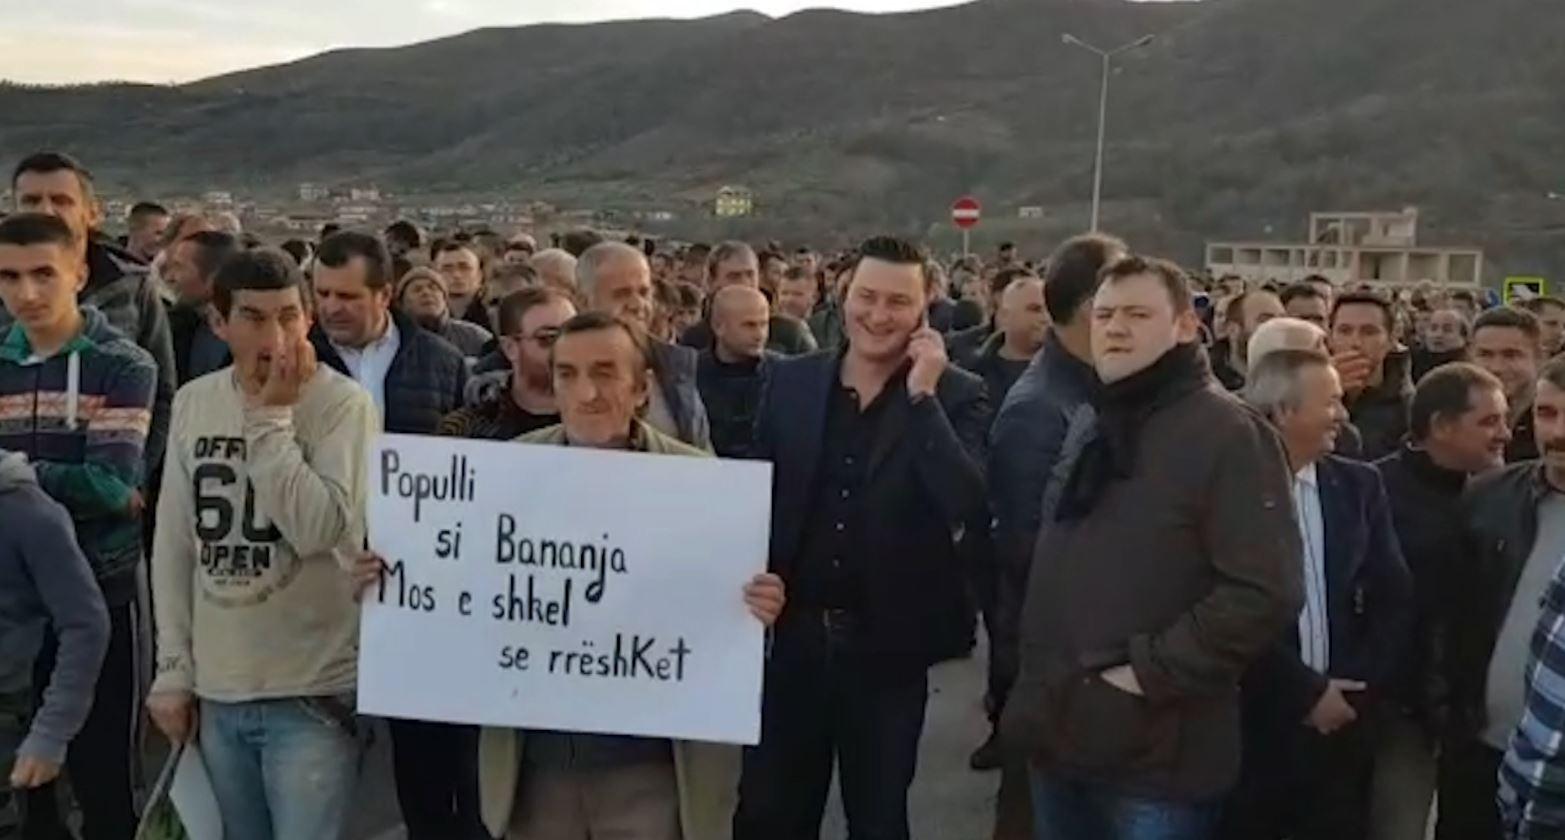 Protestat e opozitës vijojnë në Berat, Durrës dhe Elbasan